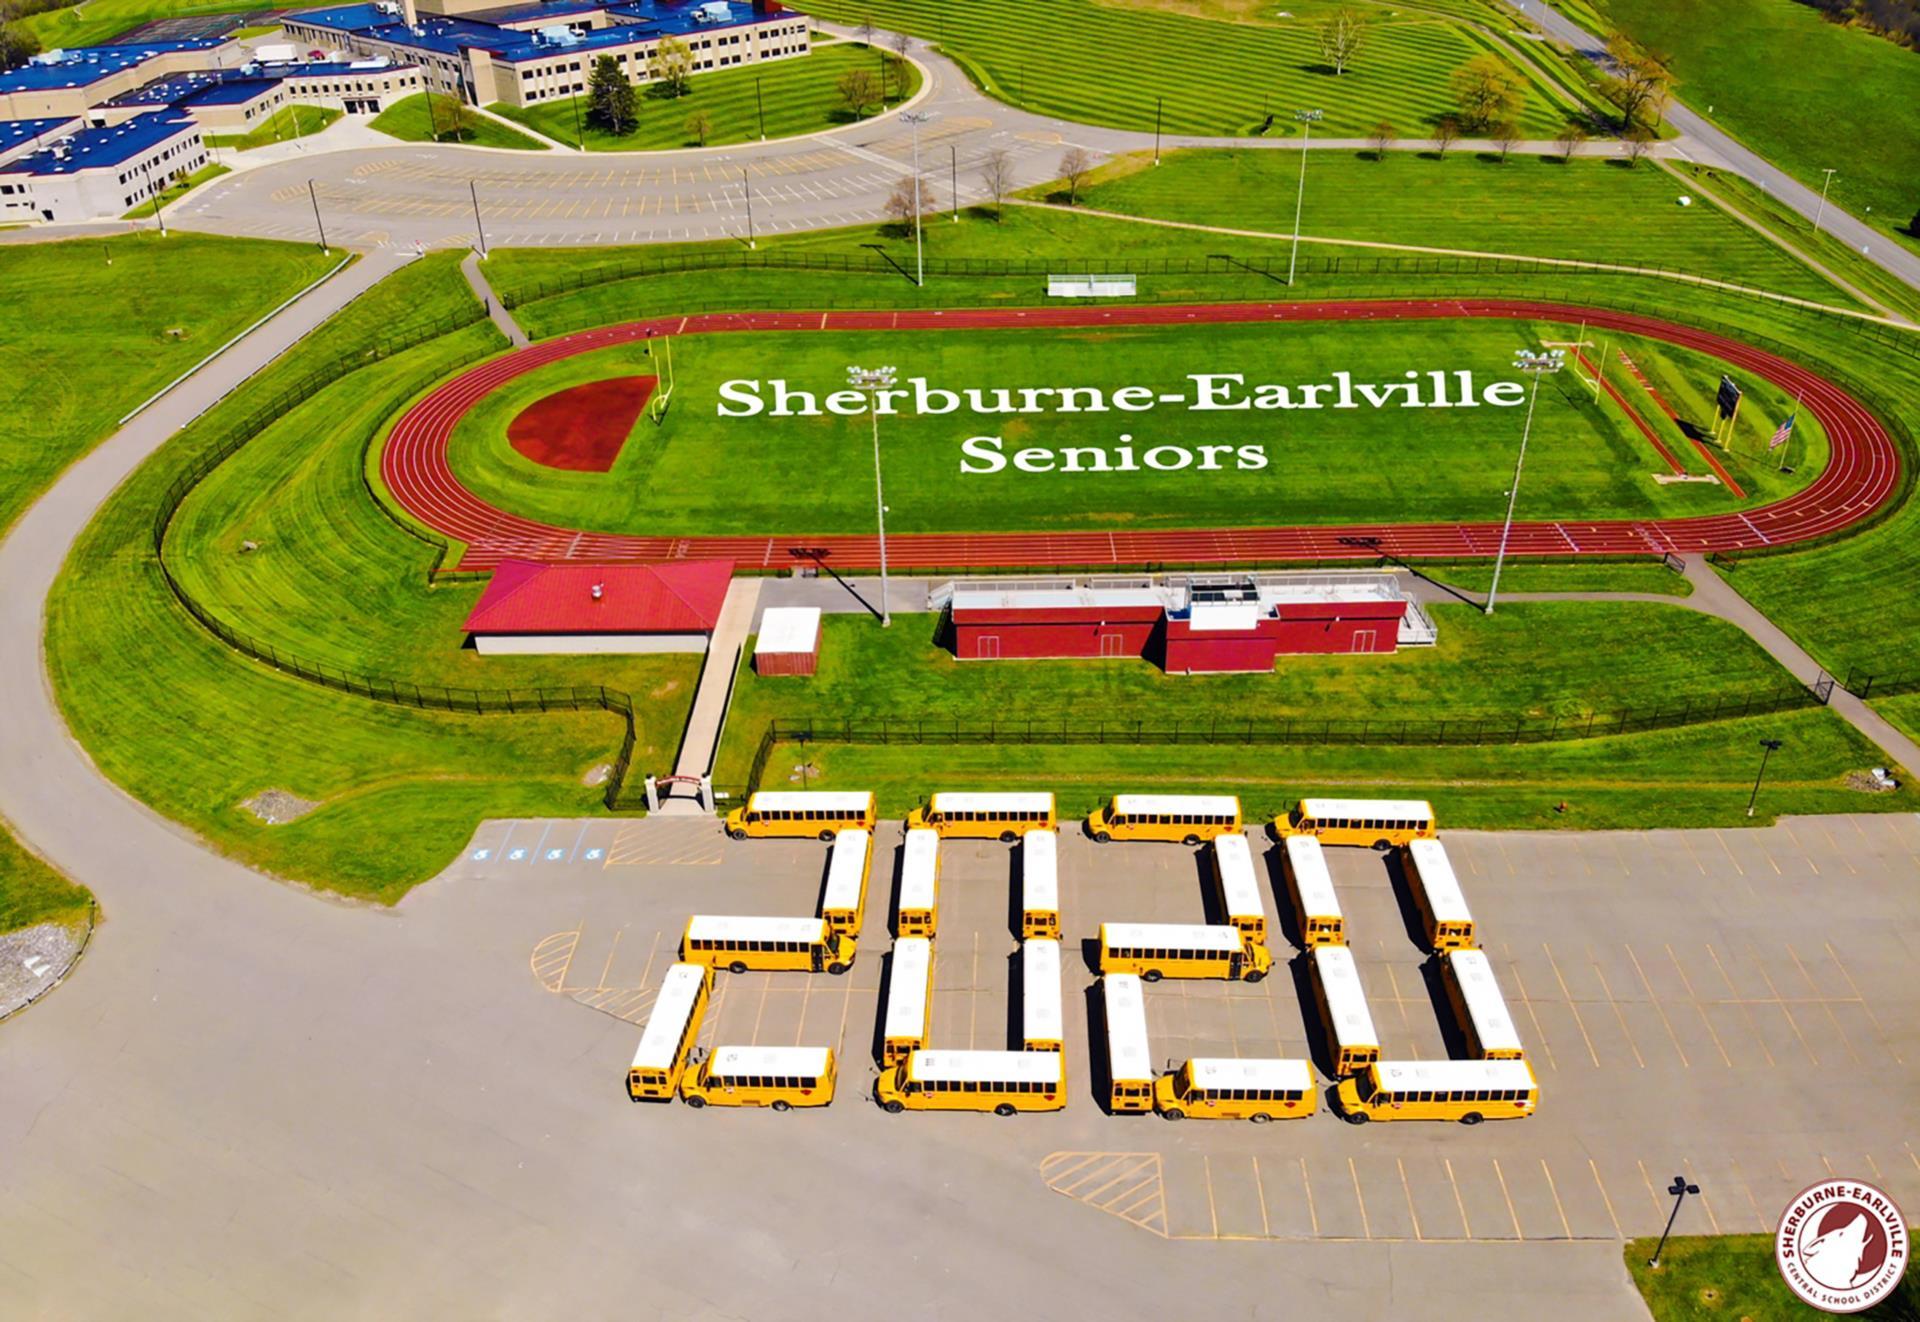 Sherburne-Earlville Seniors 2020